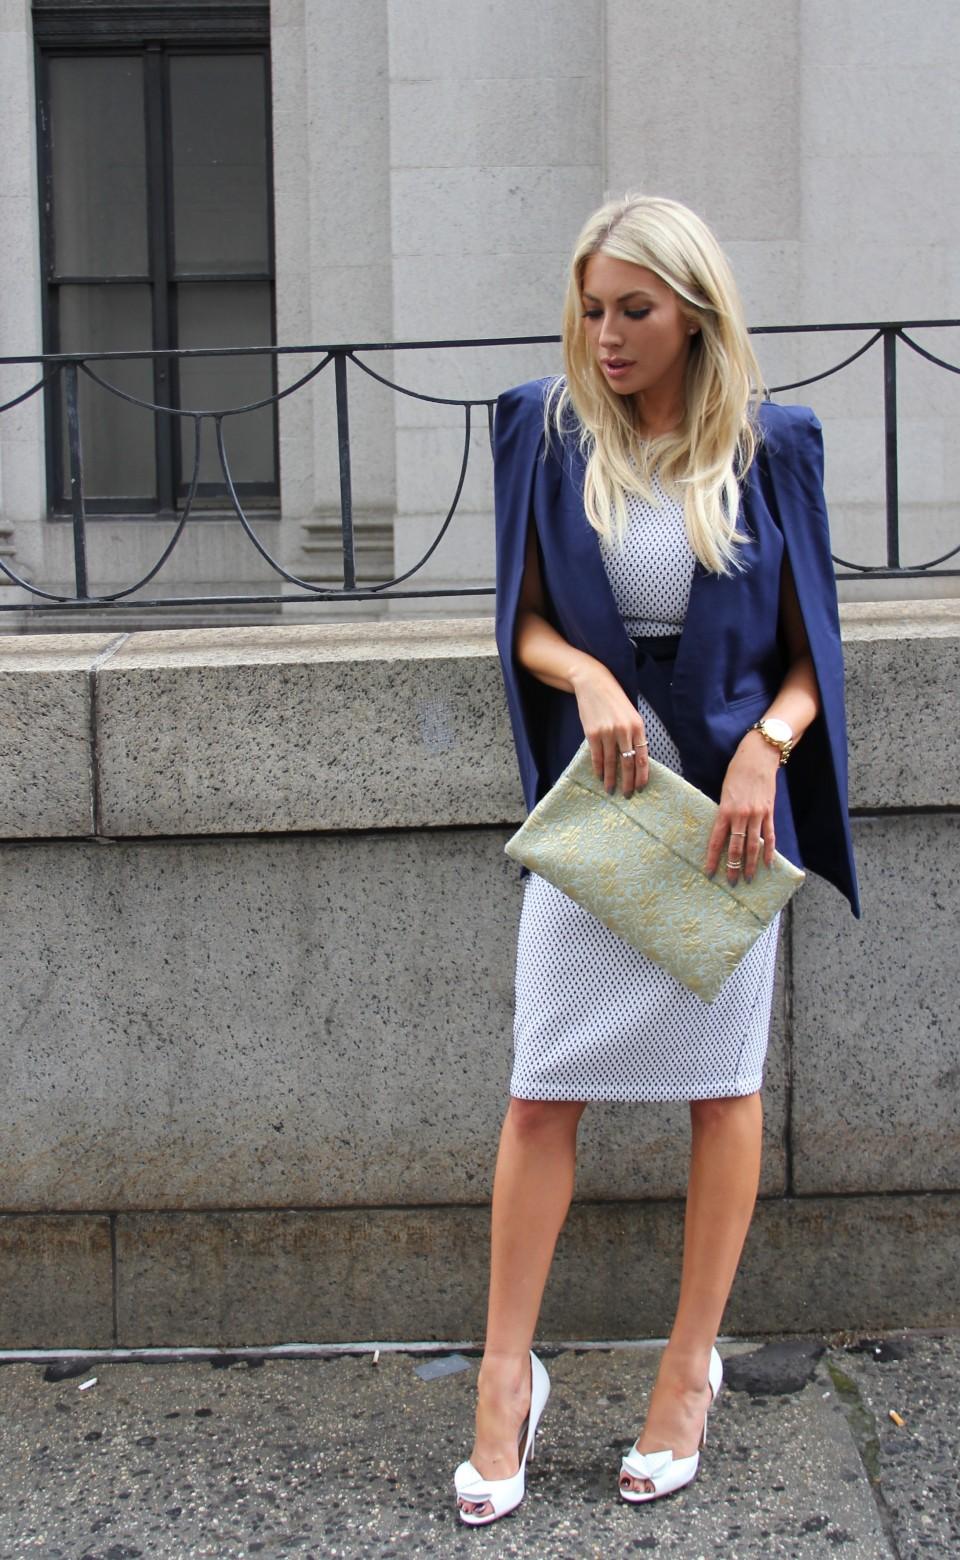 New York Fashion Week - Erin Fetherston - Stassi Schroeder - Just Stassi